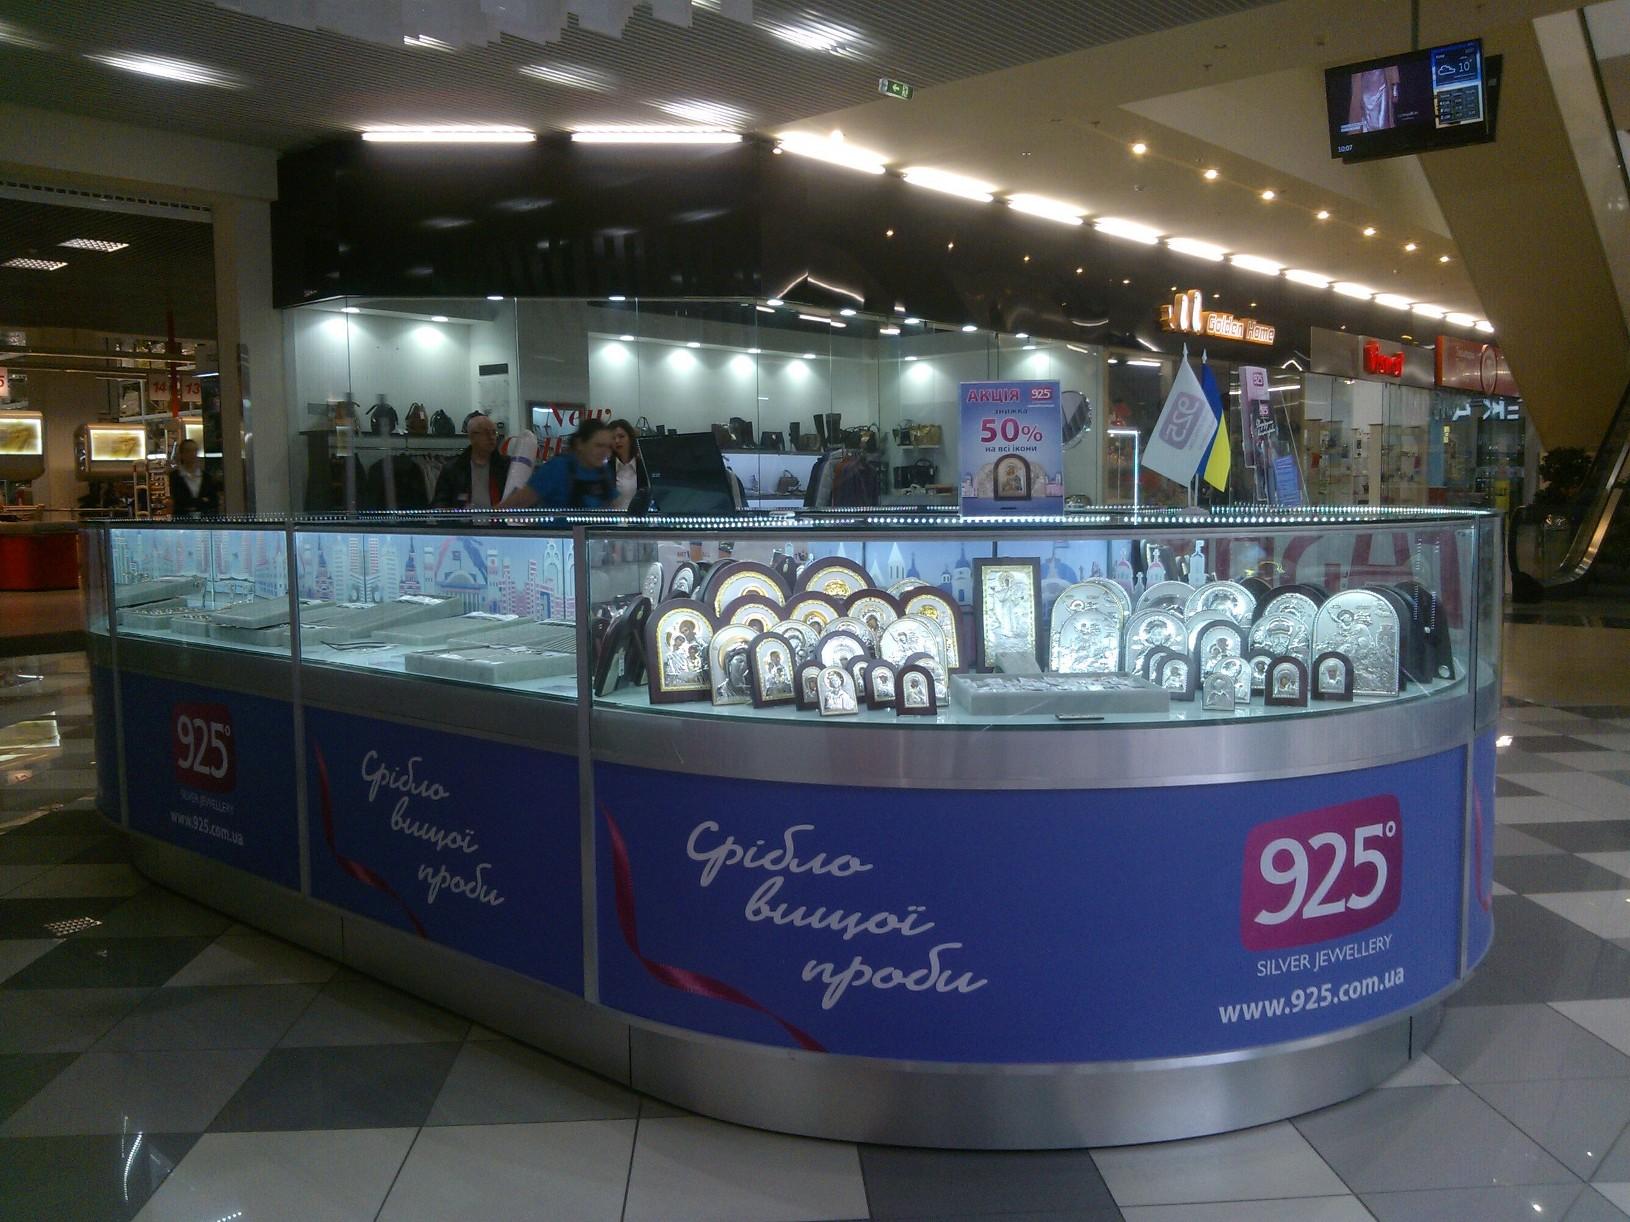 54b4bbc0febd Хотим к концу 2015 года довести общее число магазинов с логотипом «925» до  100!